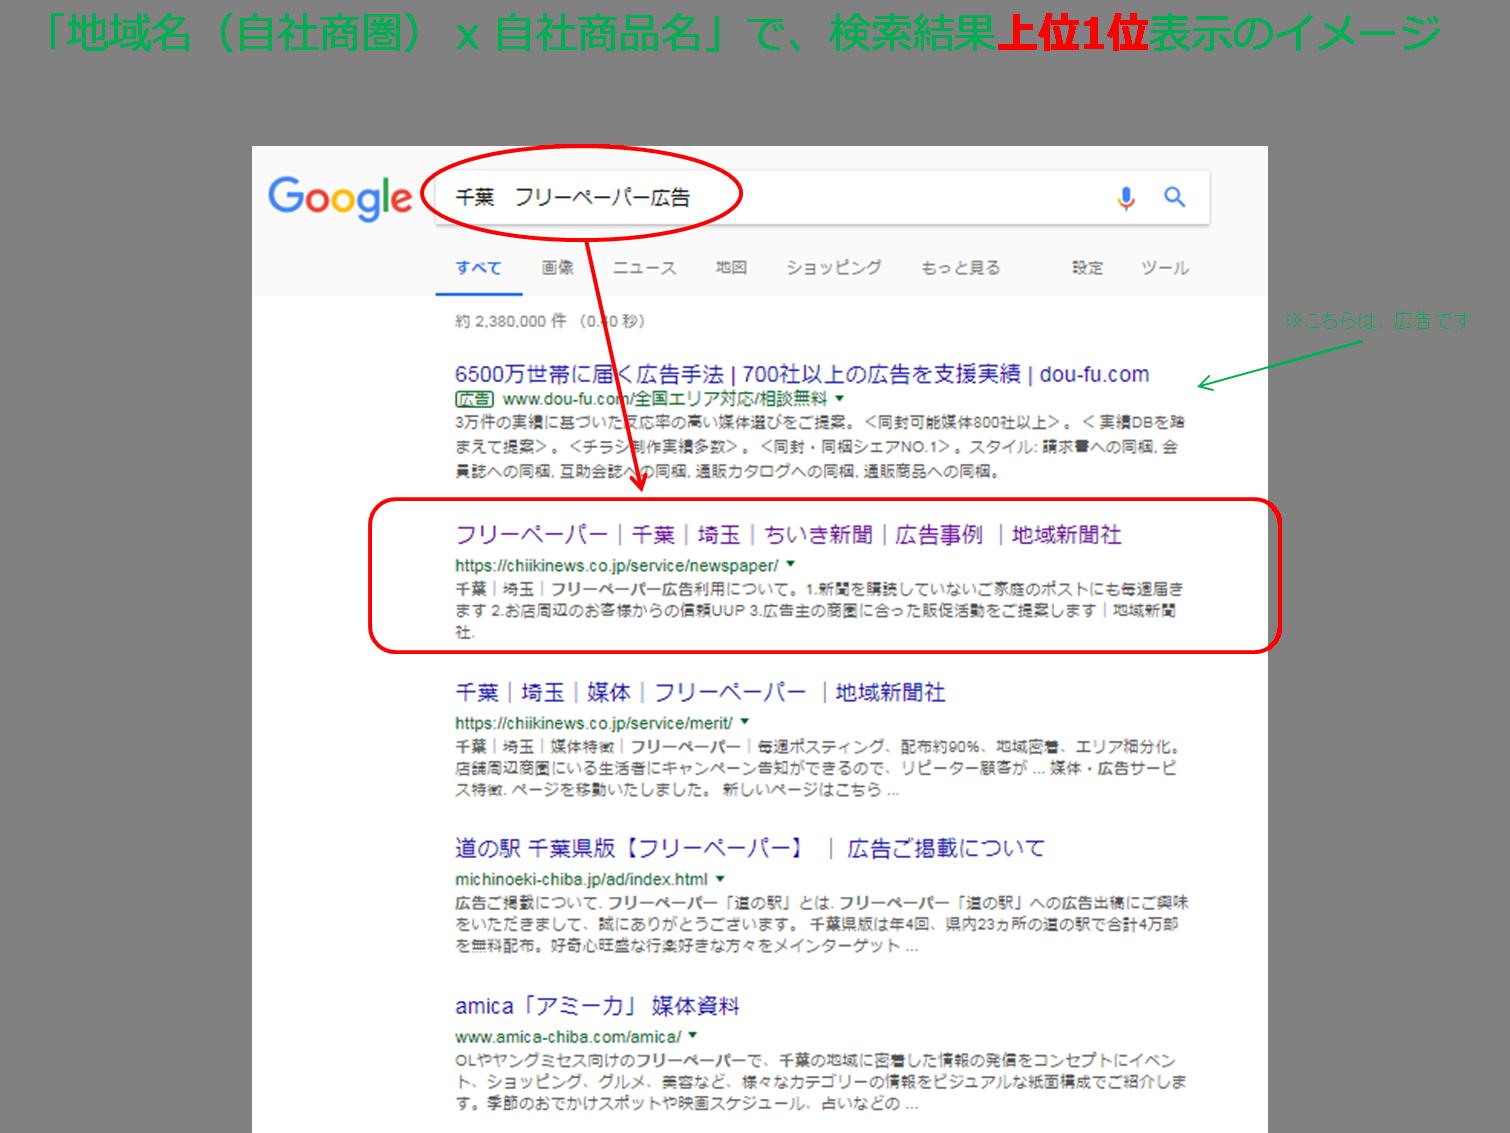 「地域名×自社商品名」で、検索結果上位1位表示のイメージ